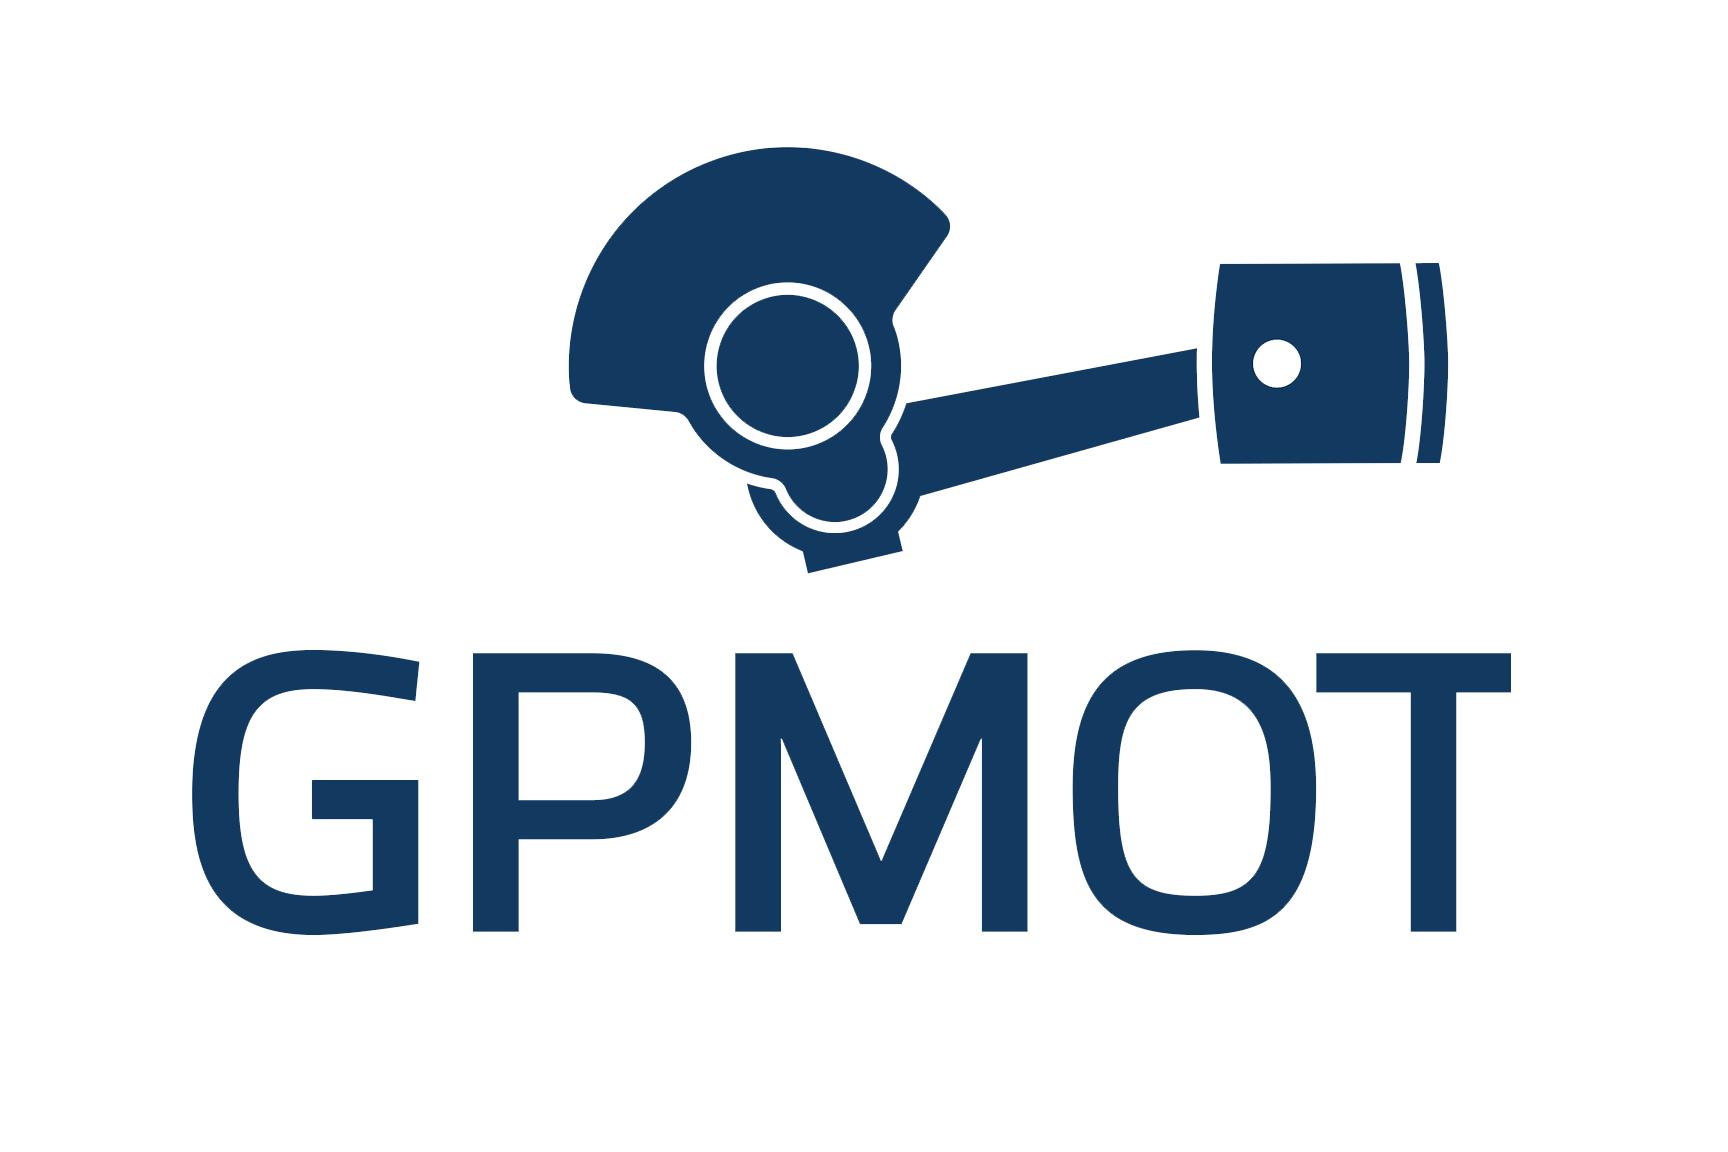 GPMOT Leiaute da marcaladoalado